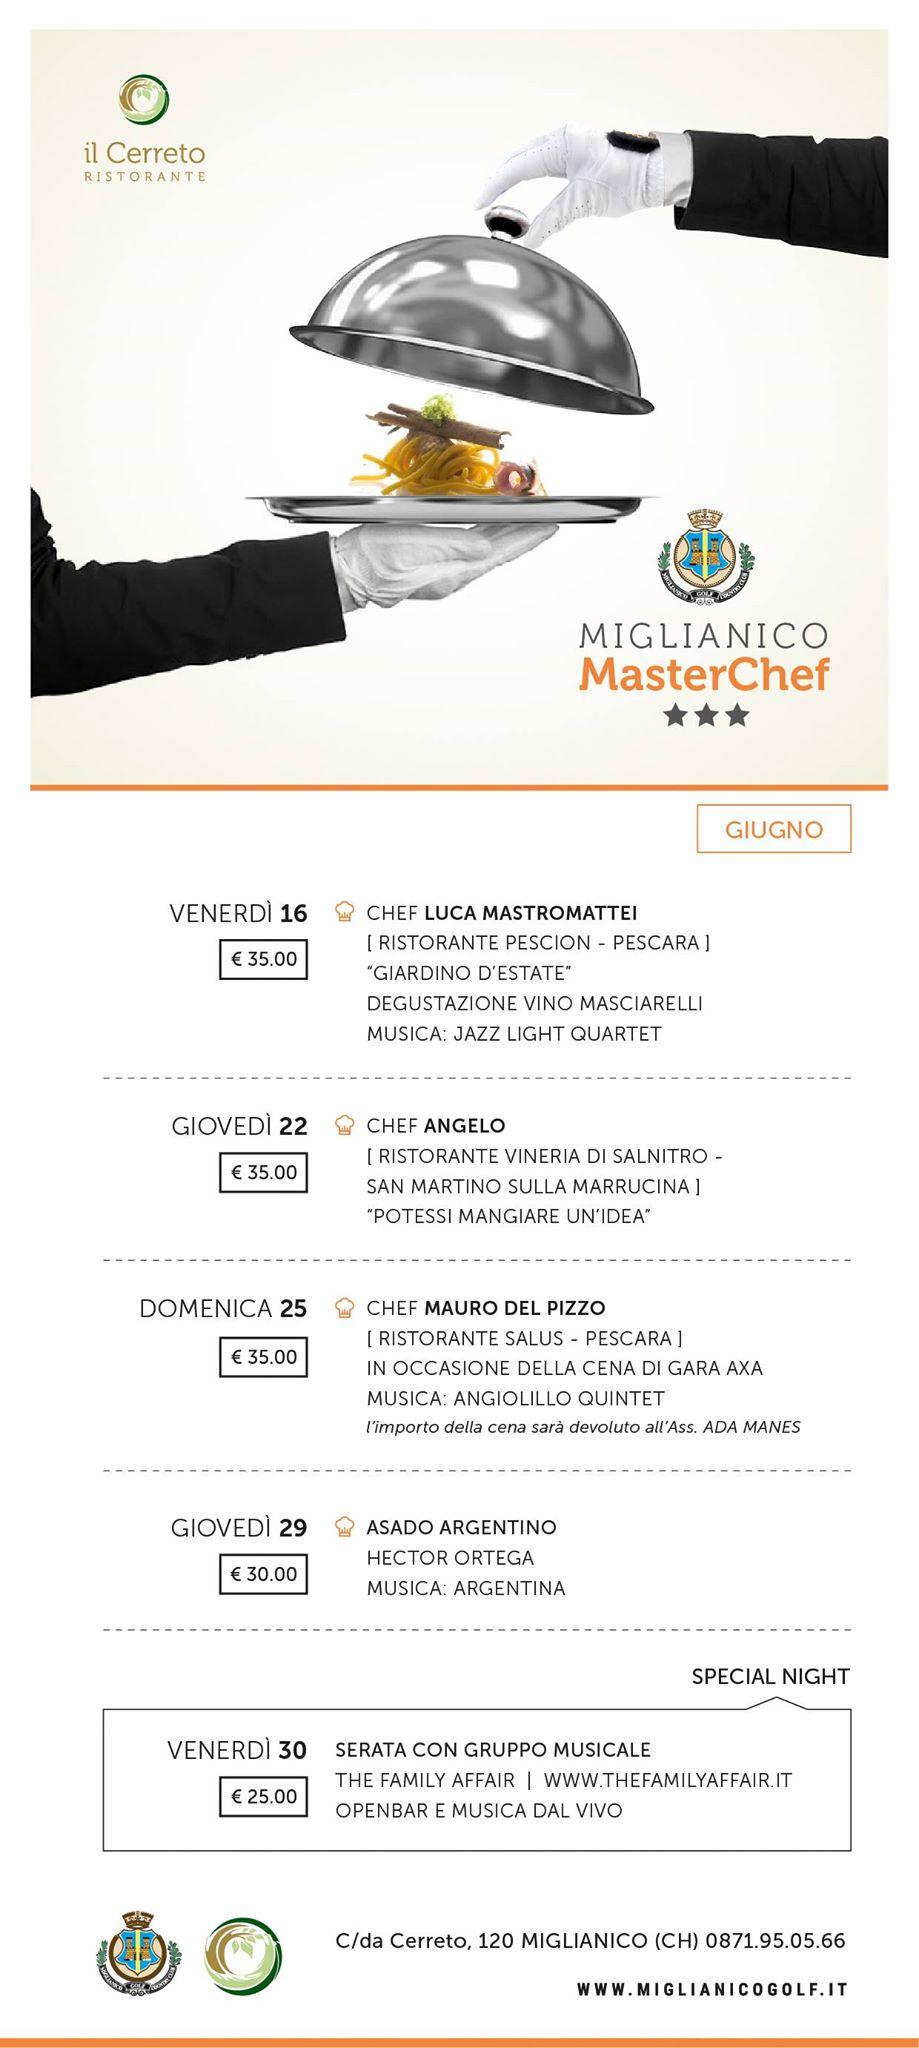 miglianicogolf masterchef giugno 2017